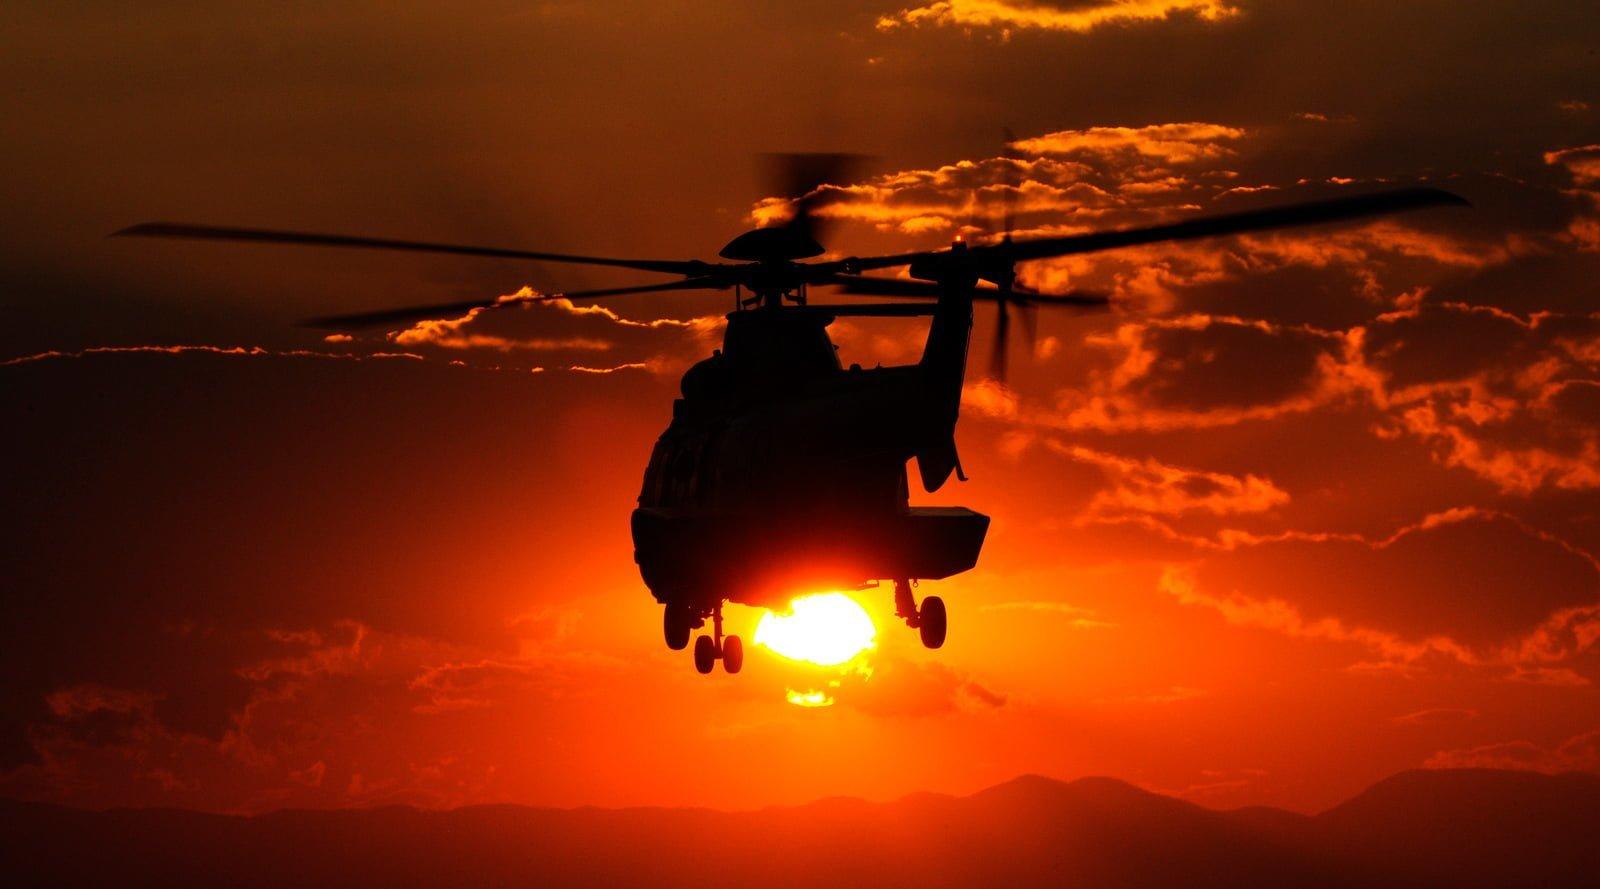 Helicóptero H215 de Airbus Helicopters en vuelo al atardecer